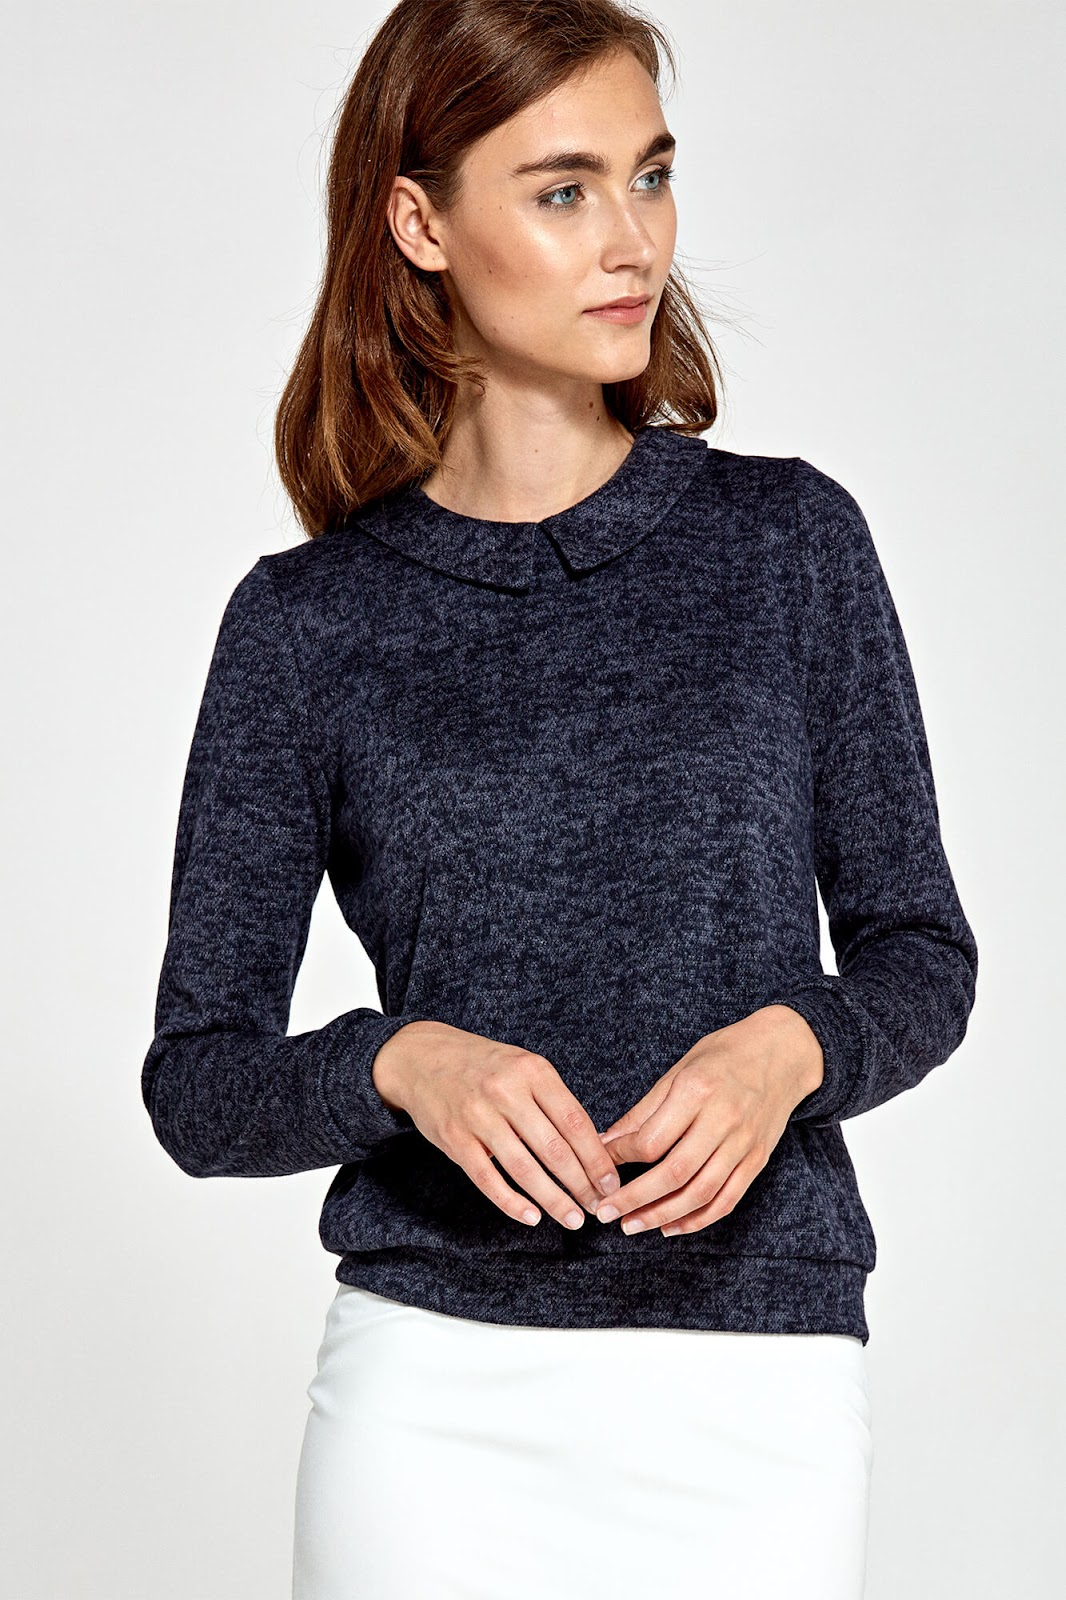 Delikatny sweter z grzecznym kołnierzykiem